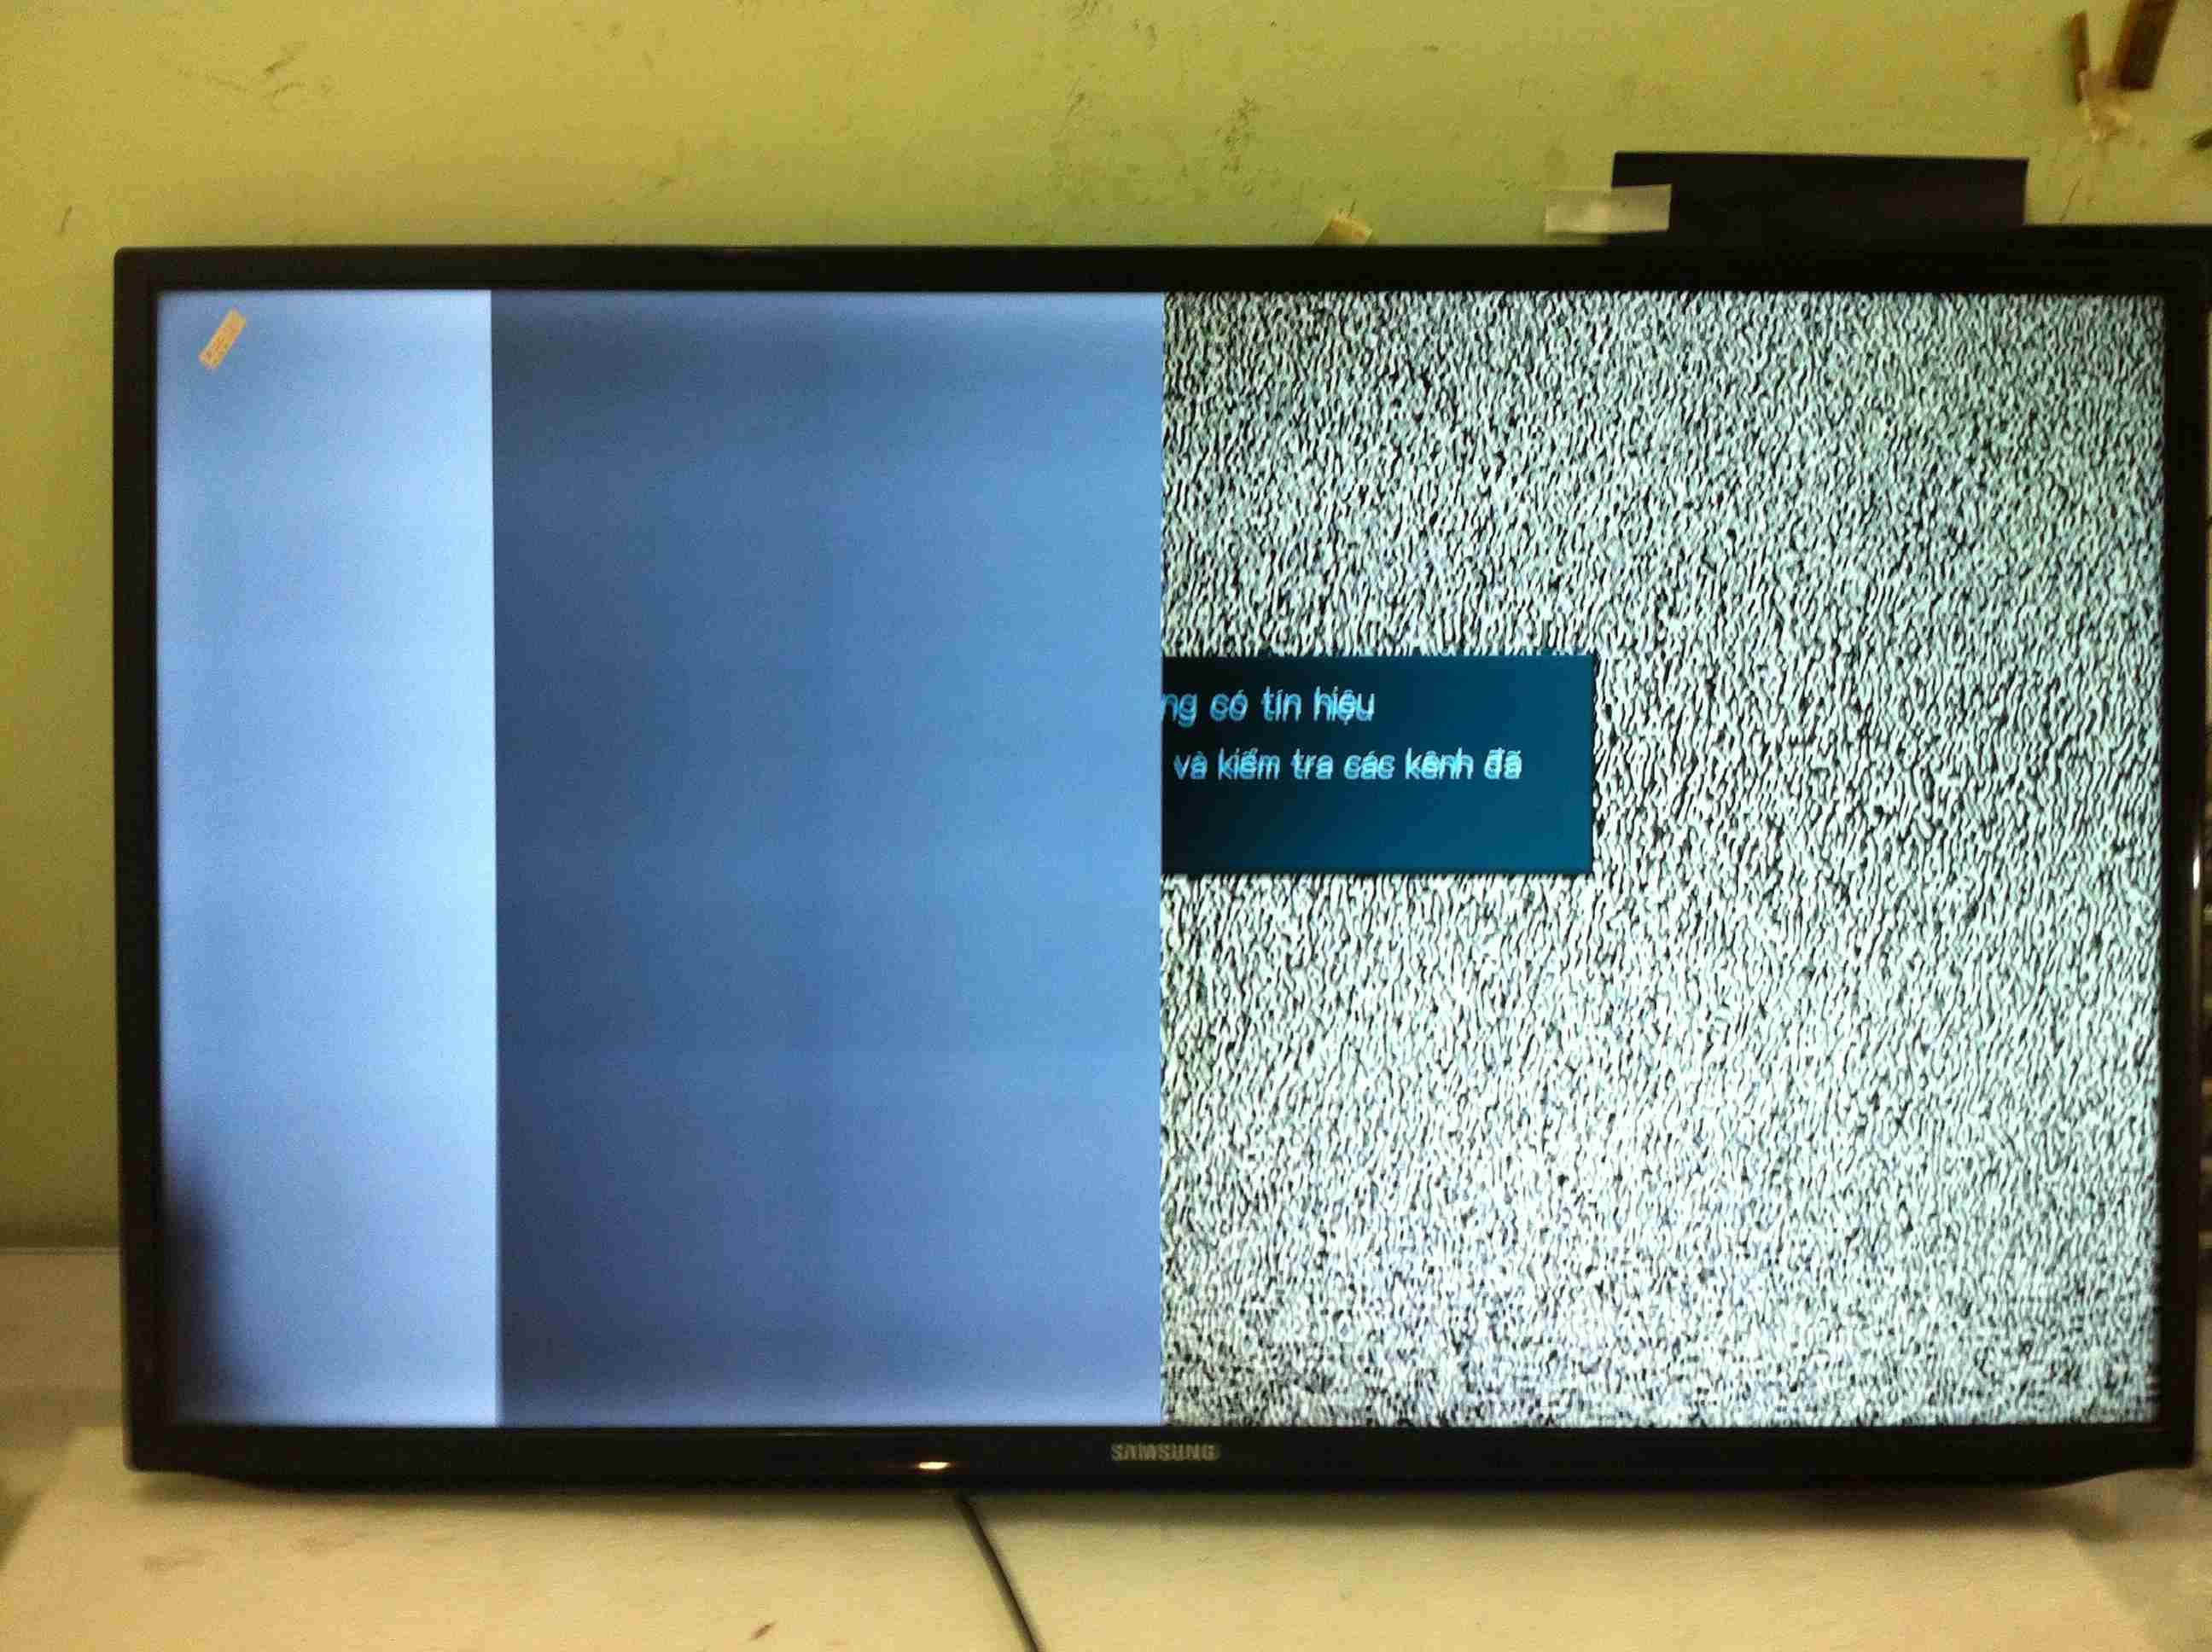 Màn hình tivi sony bị hỏng tại hải phòng